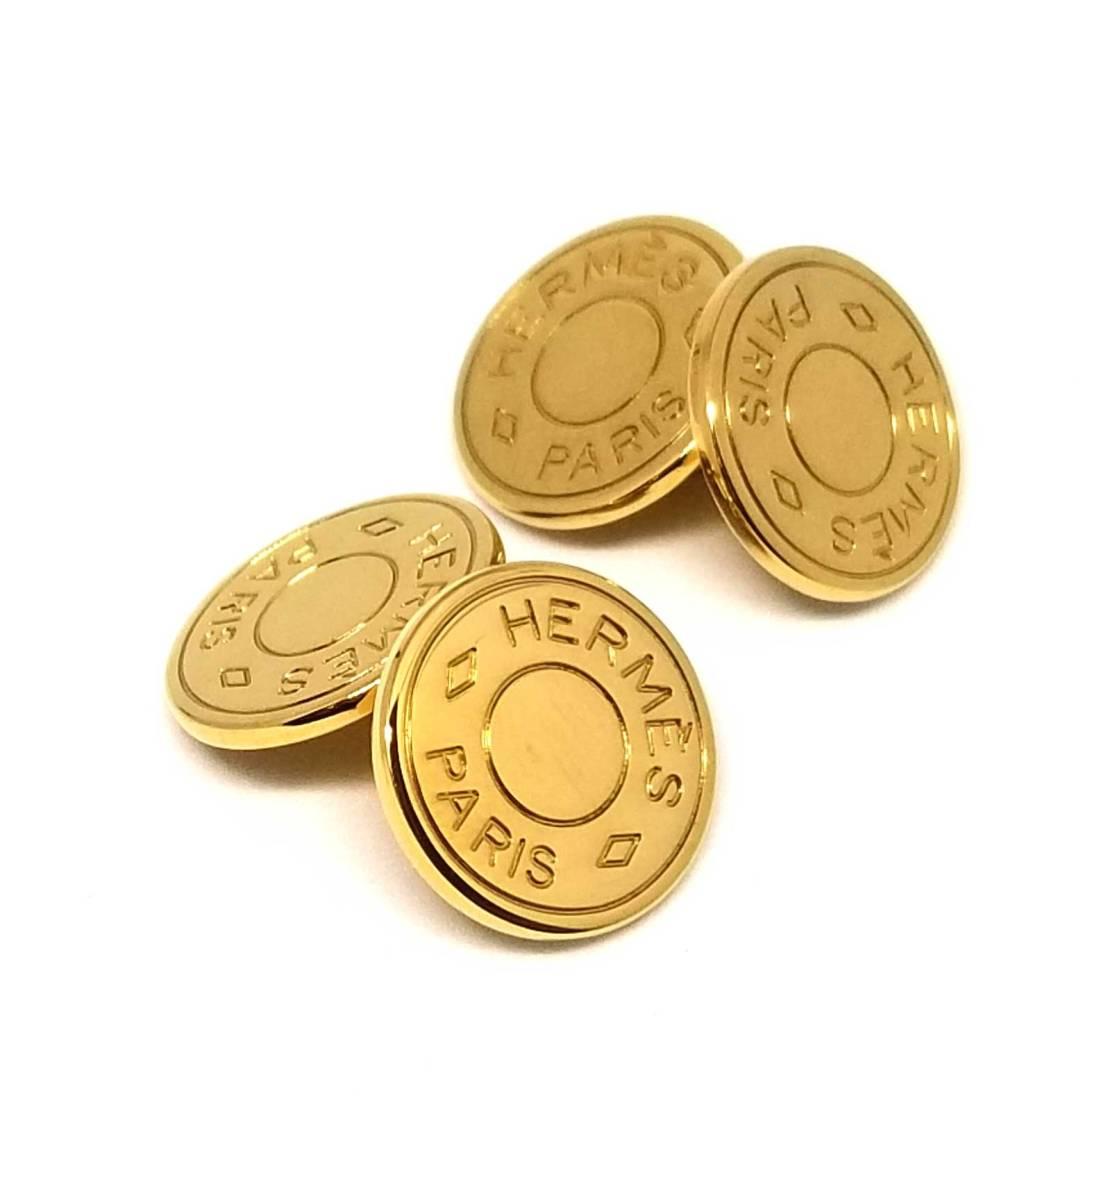 新品同様 エルメス カフリンクス セリエ ゴールド カフス カフスボタン メンズ HERMES 【中古】